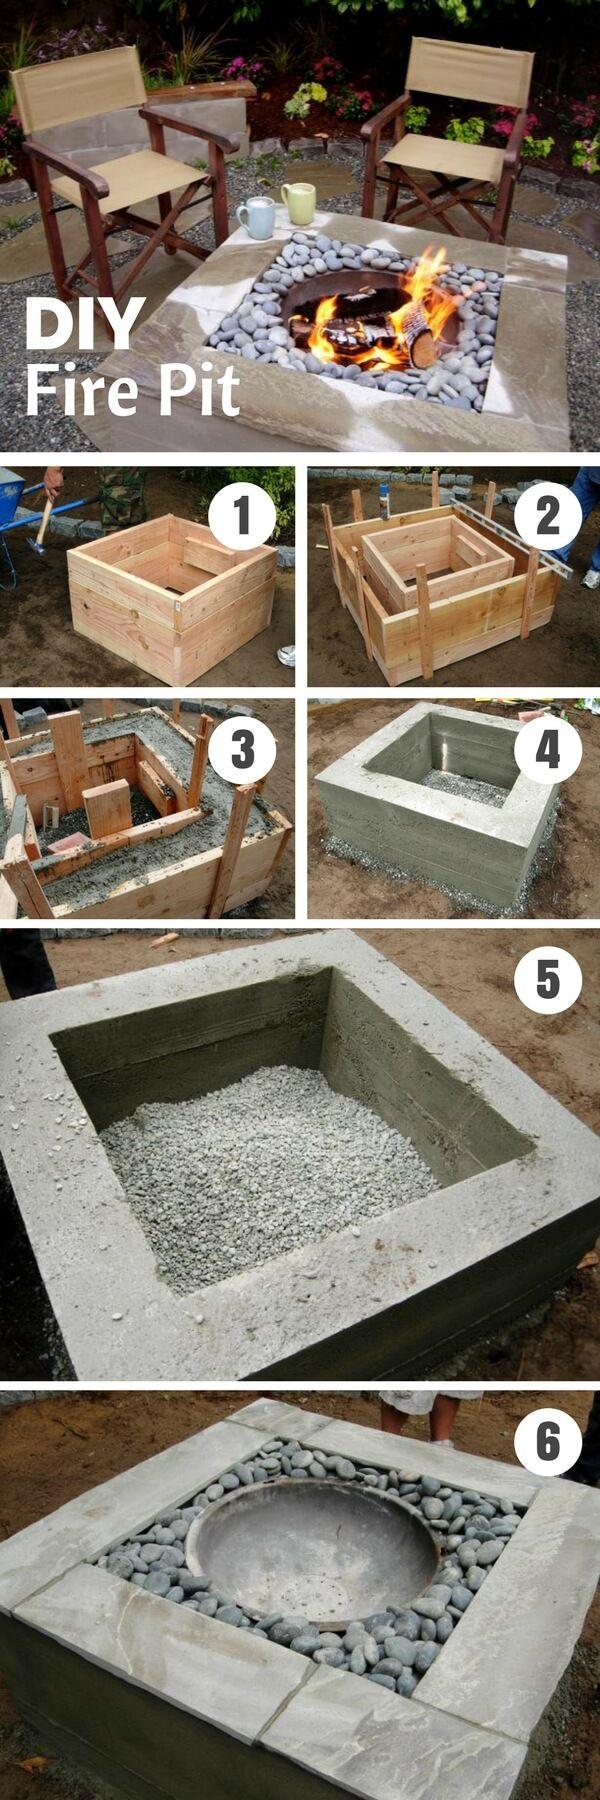 les 25 meilleures id es de la cat gorie terrasse beton sur pinterest terrasse en beton dalles. Black Bedroom Furniture Sets. Home Design Ideas